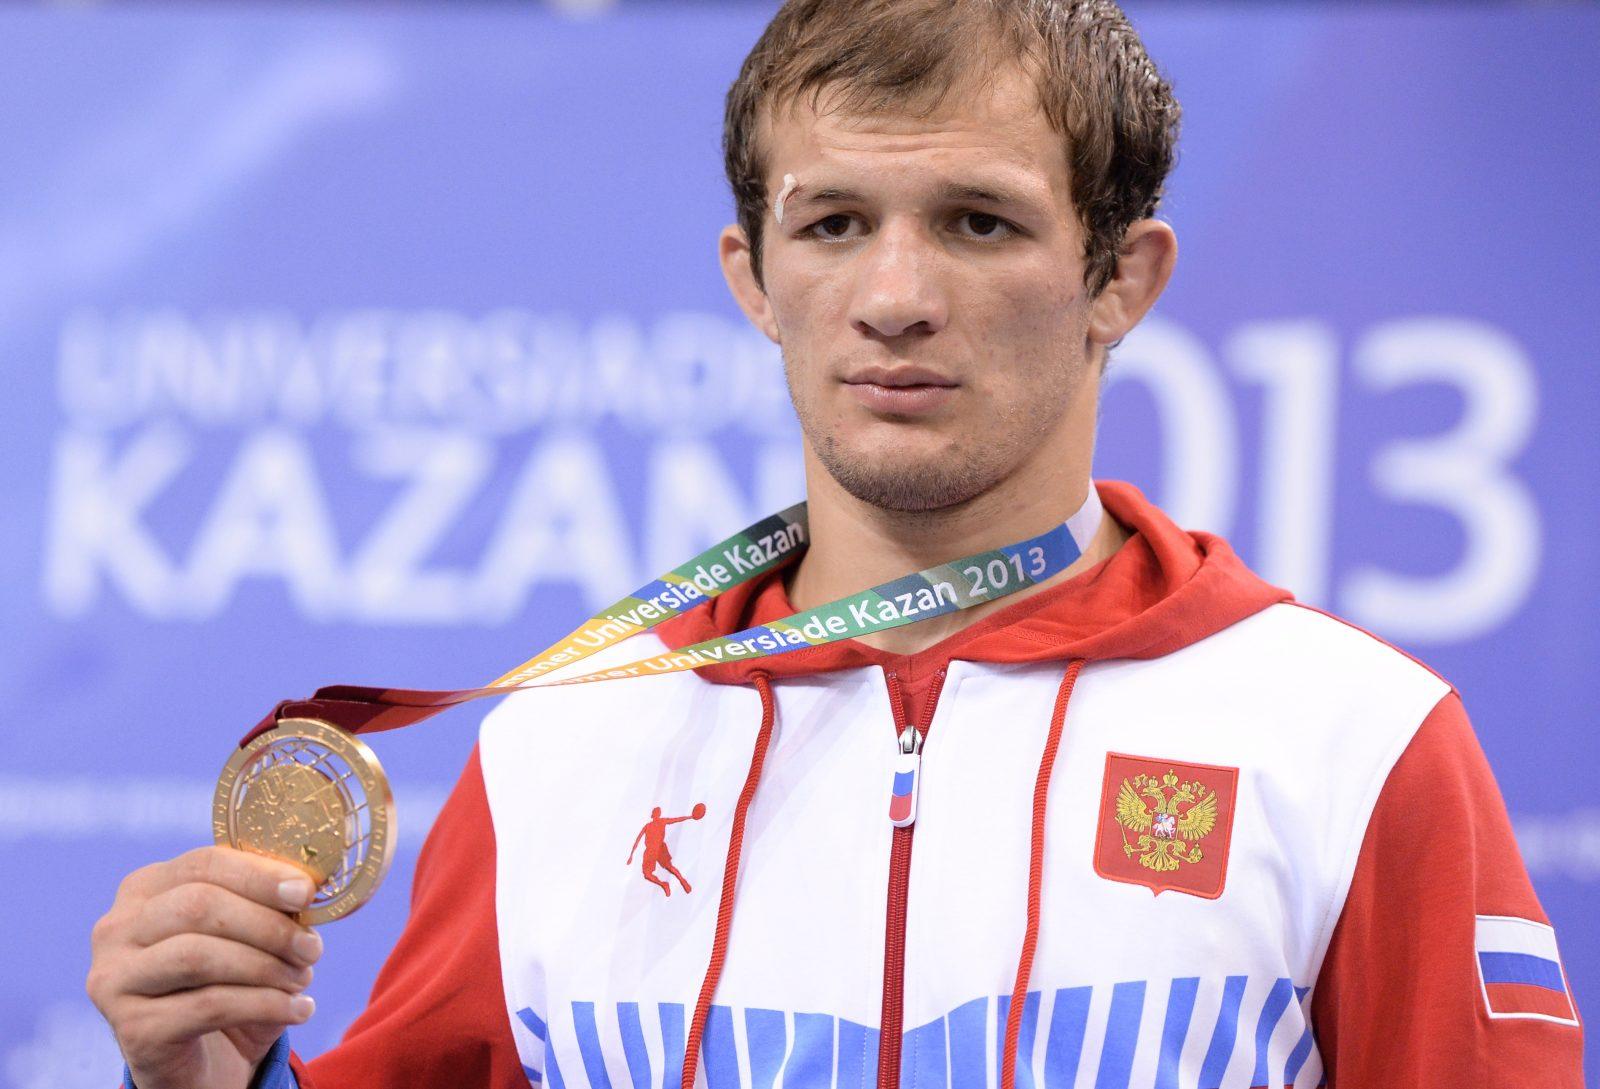 Министром физической культуры и спорта республики стал Олимпийский чемпион  Алан Хугаев